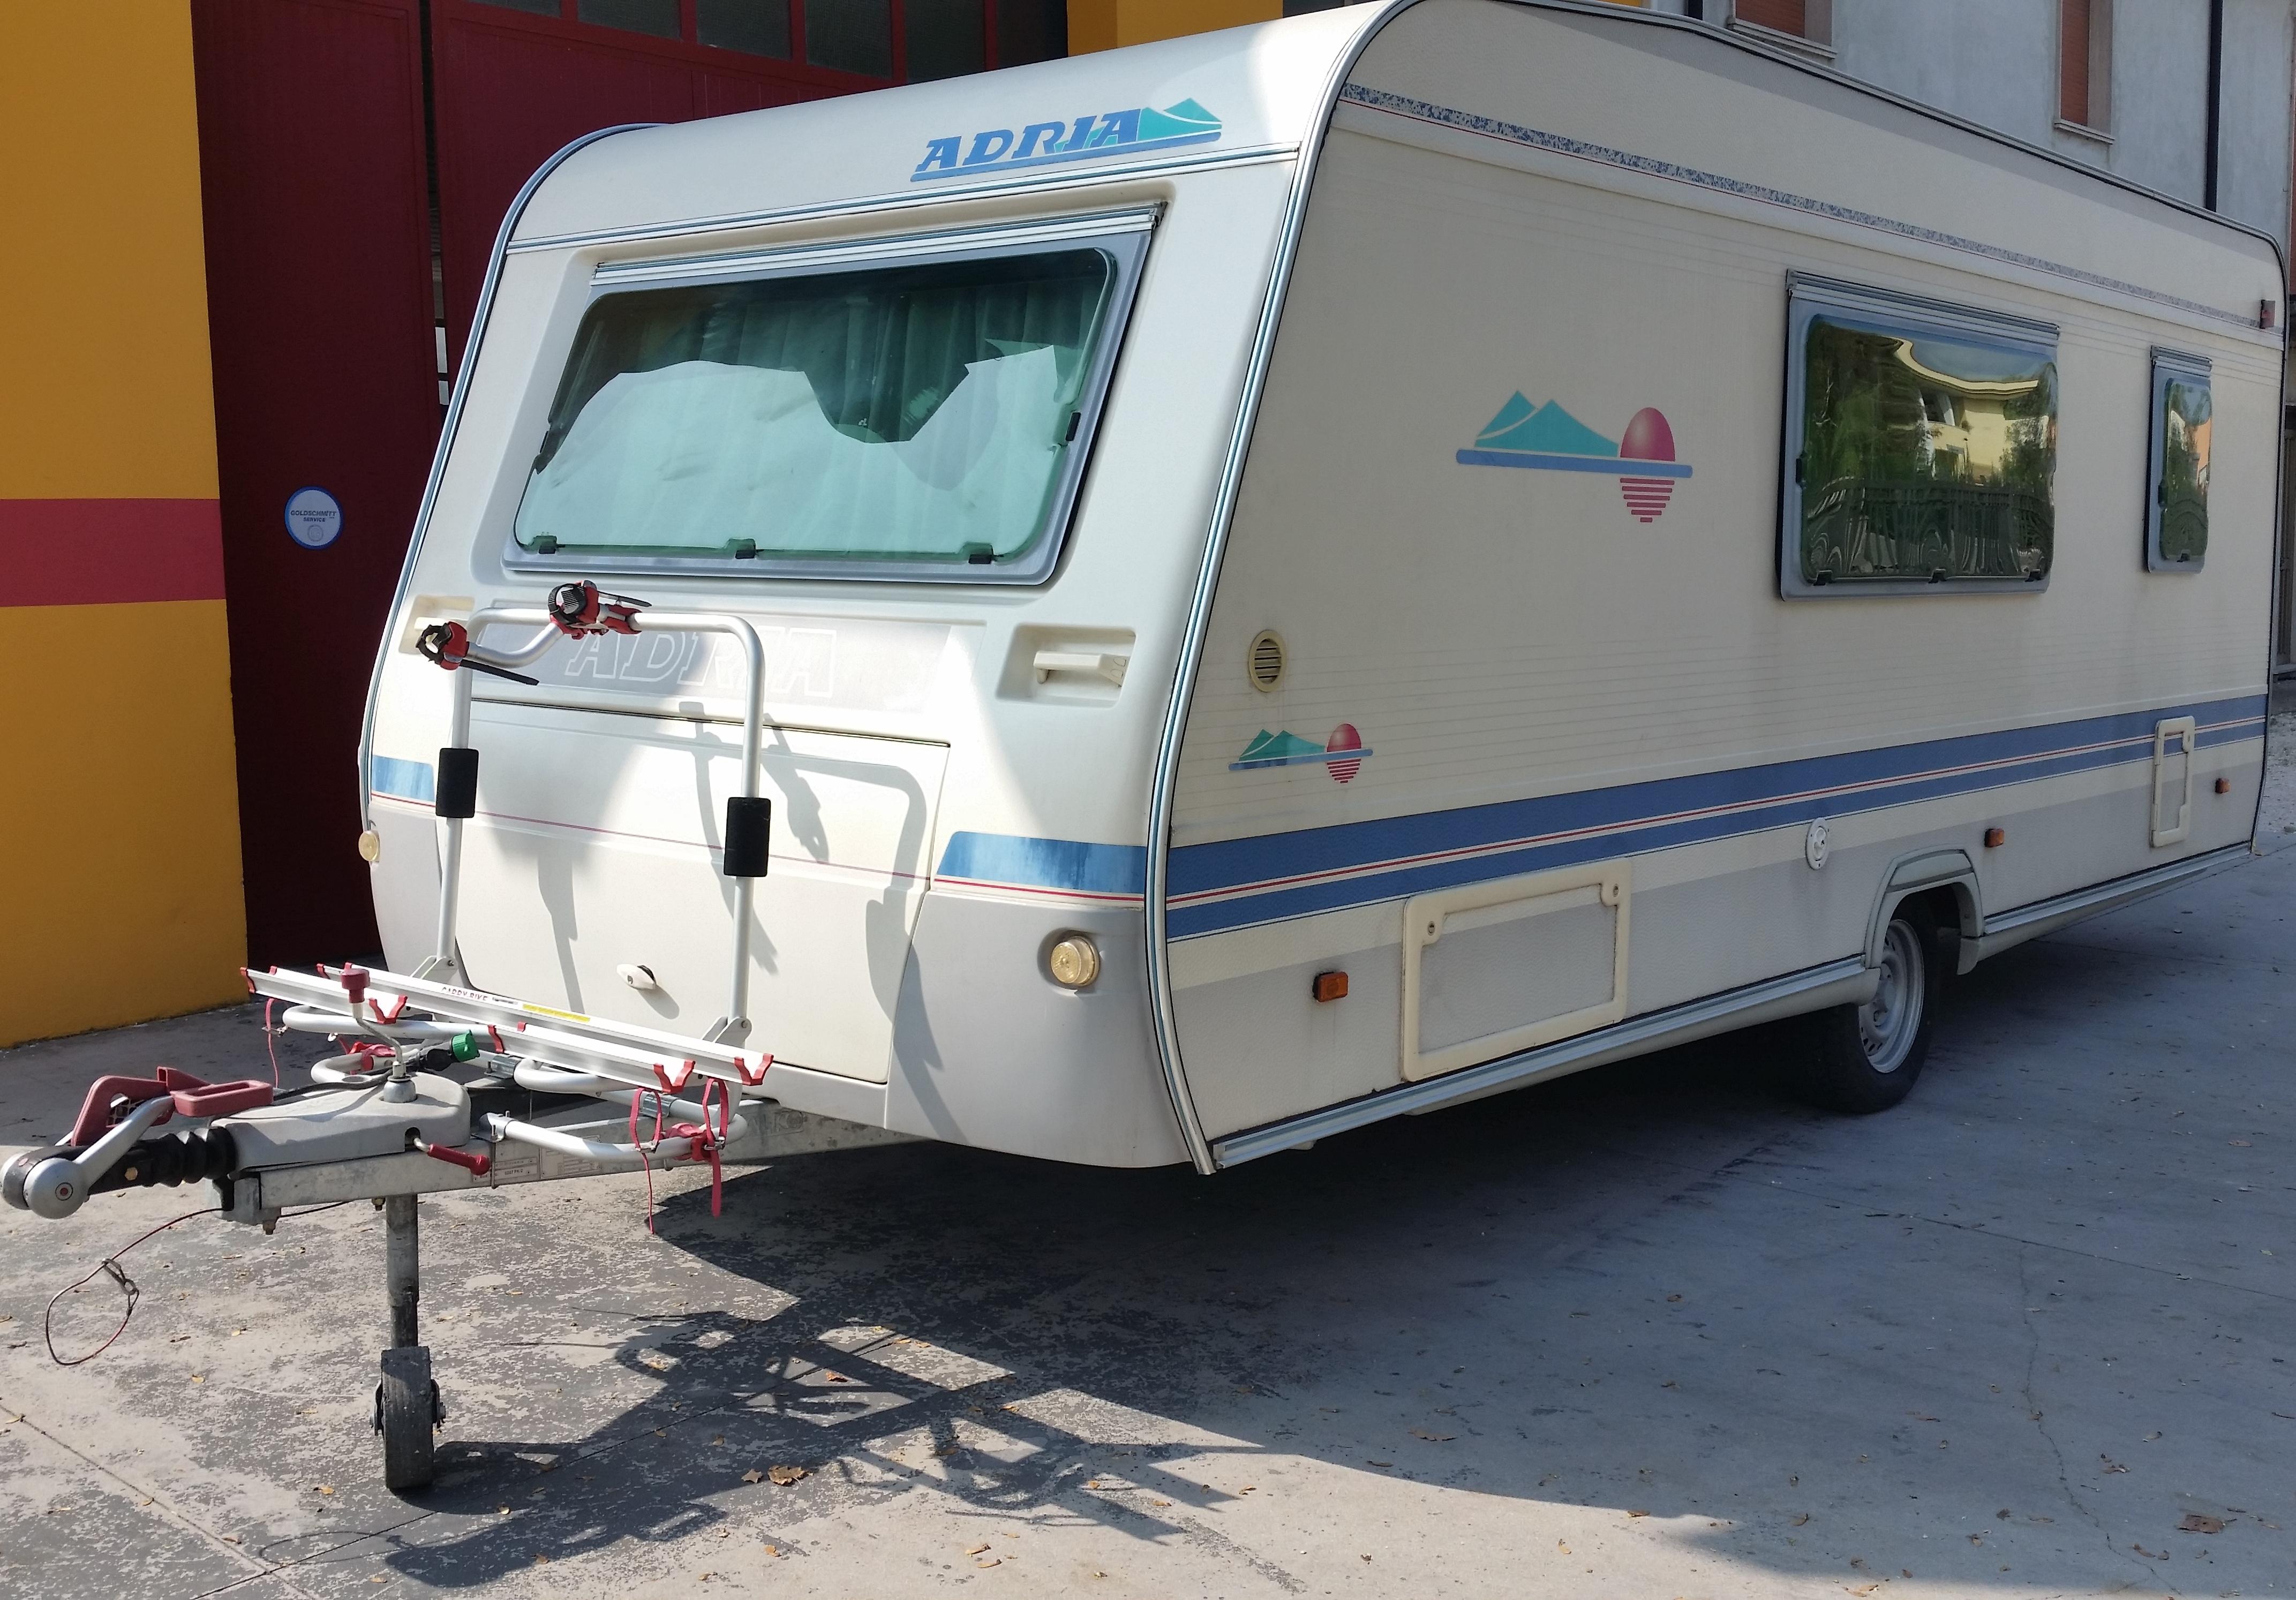 Roulotte Adria 542 Pk Speedy Noleggi